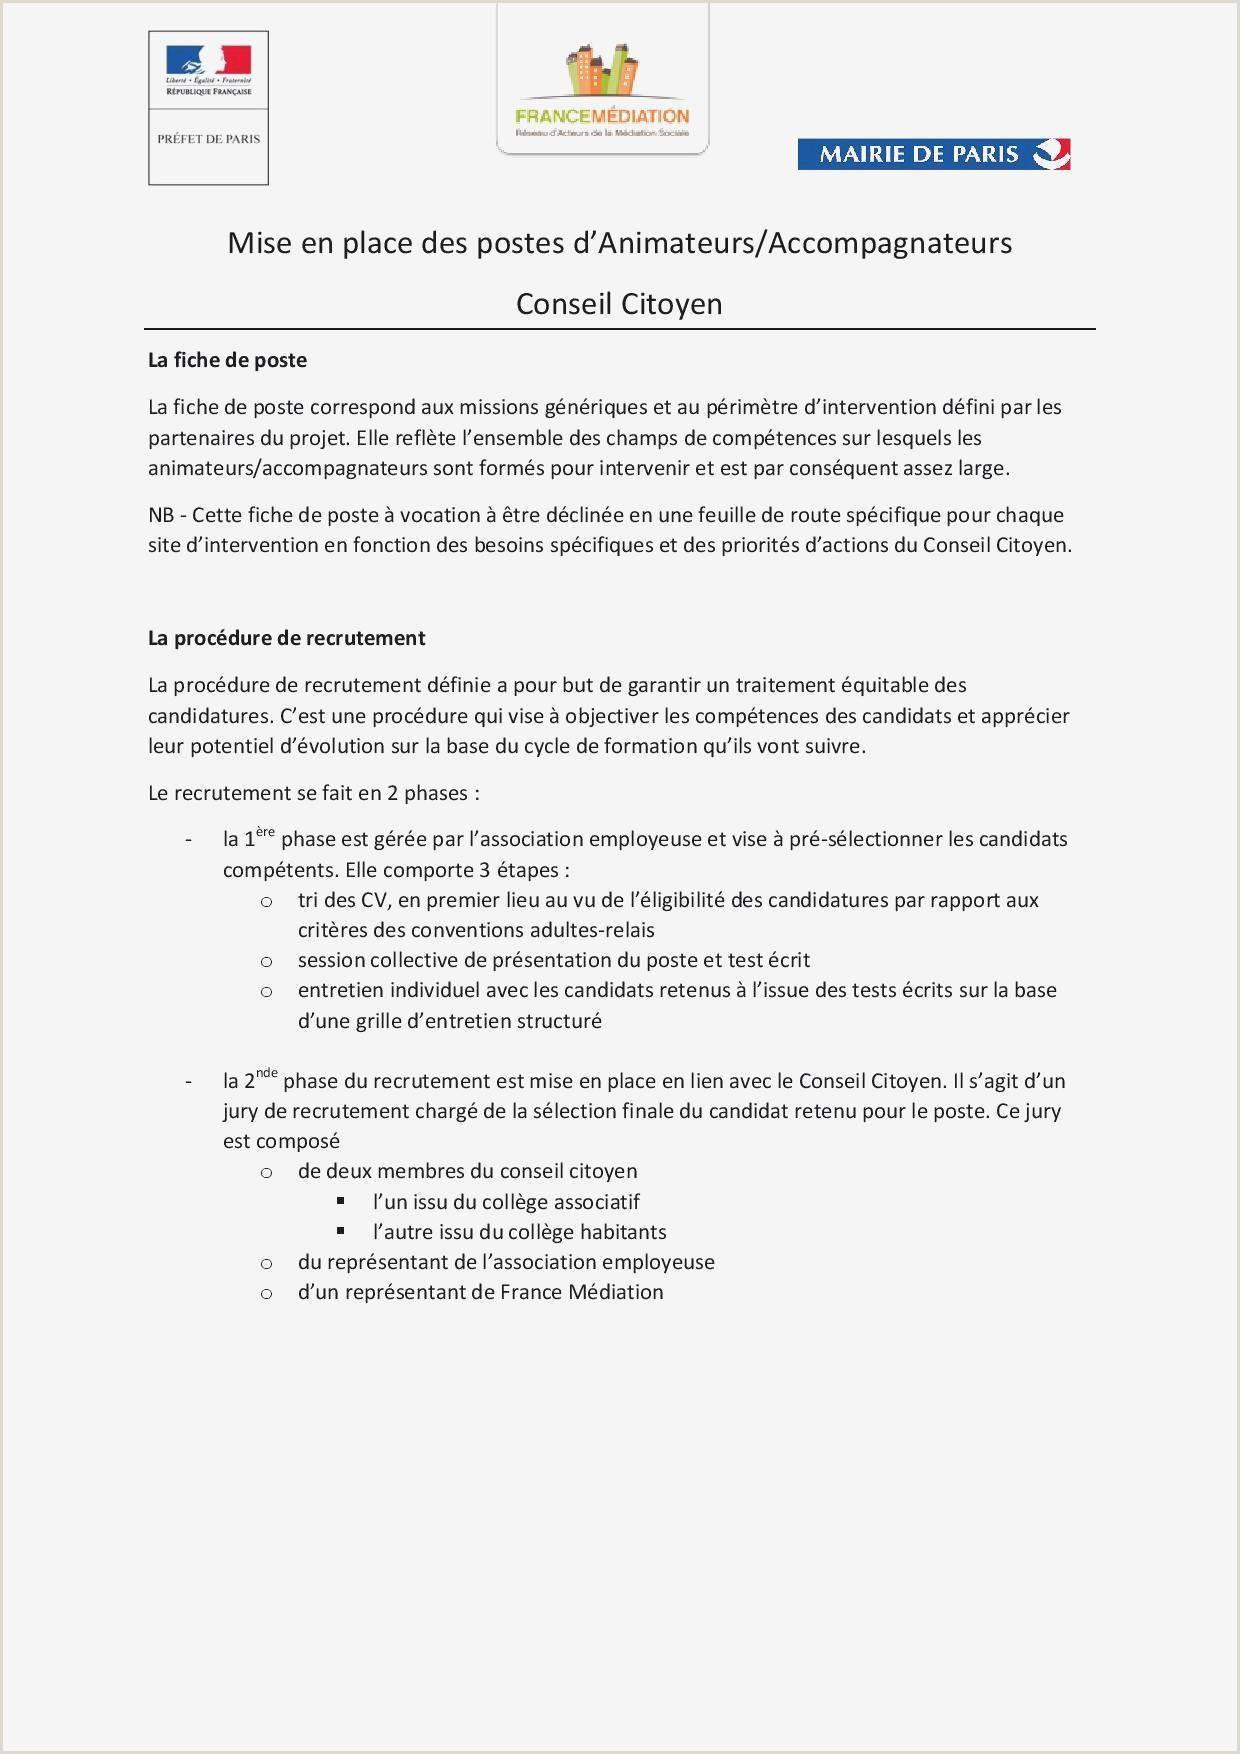 Modele De Lettre D Objectif Professionnel Modele De Cv Agent